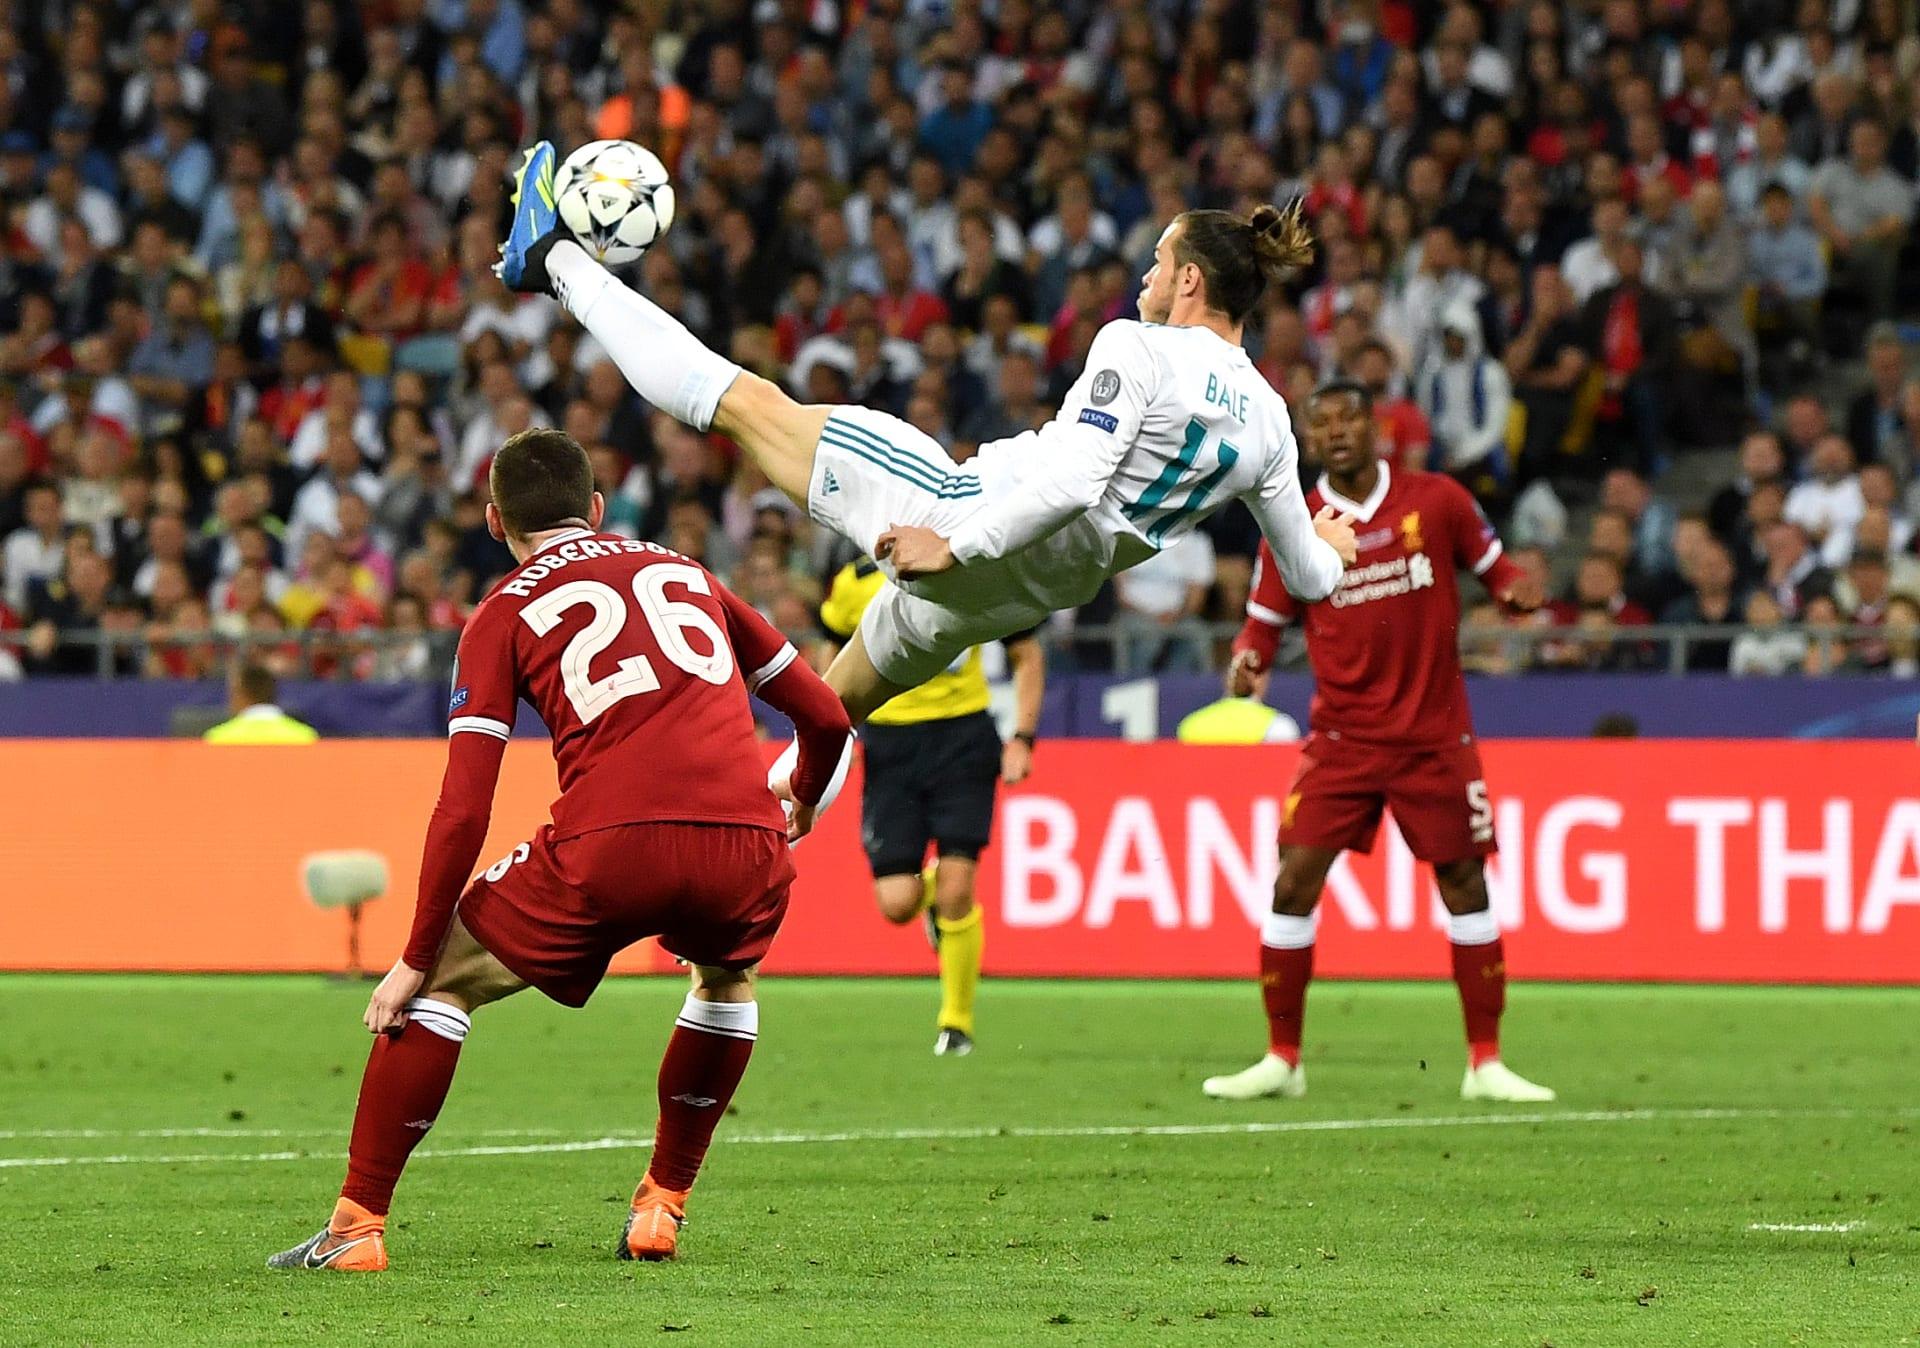 ريال مدريد بطلا لدوري أبطال أوروبا للمرة الـ13 والثالثة على التوالي